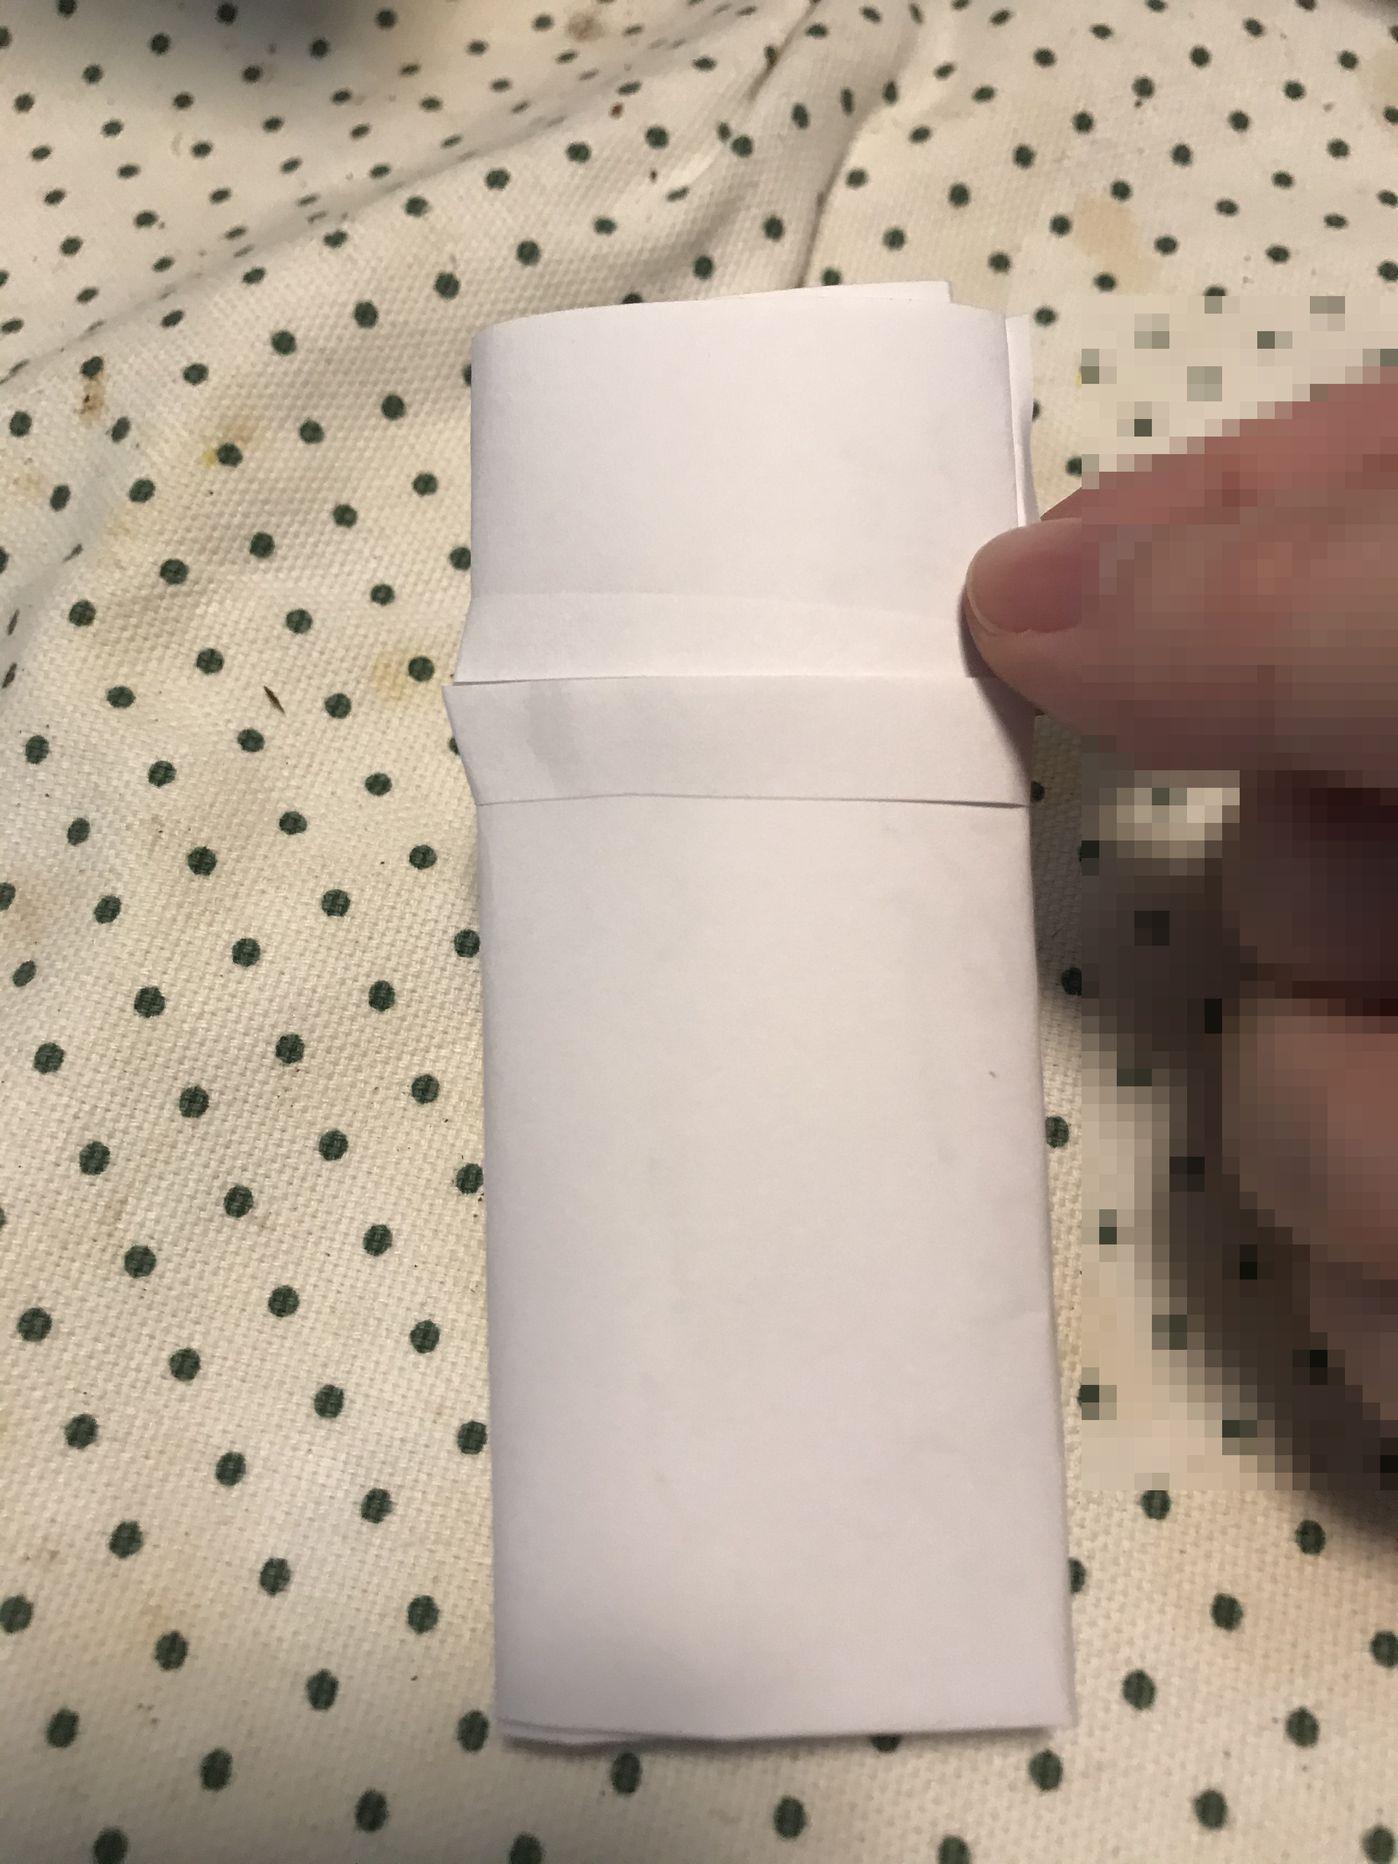 書状の封じ011(折り紙切封上書)